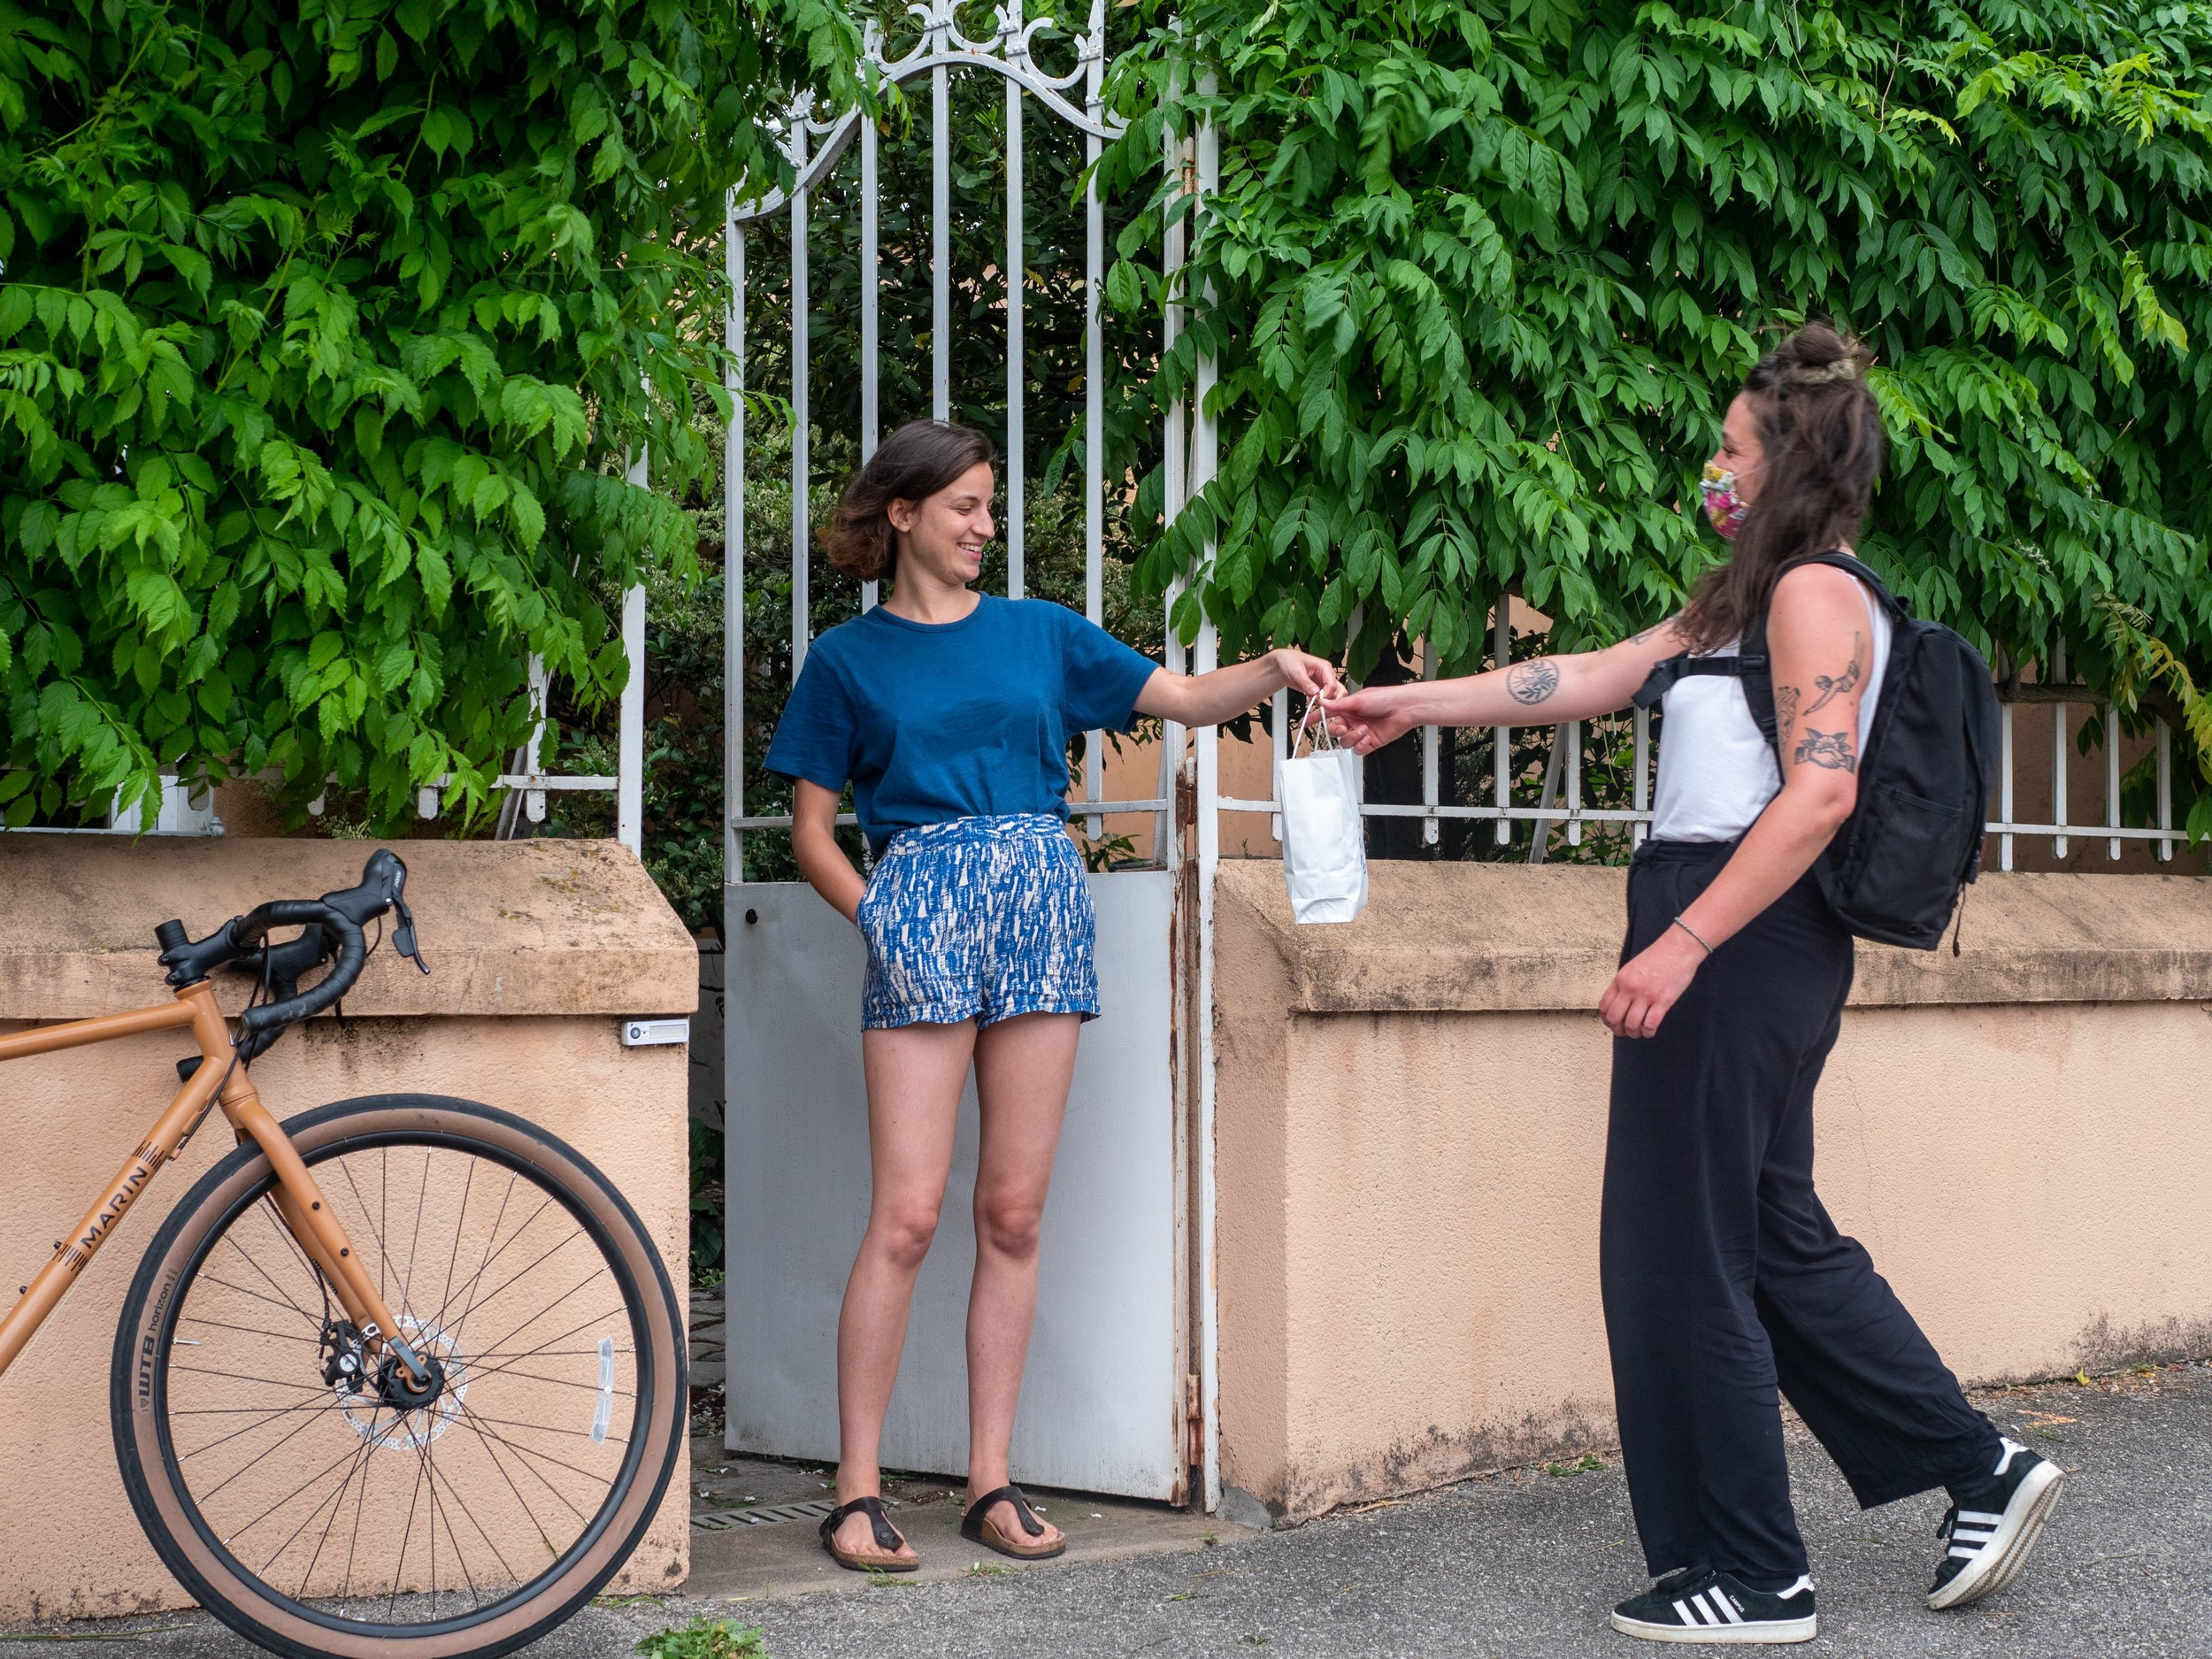 Les « cuistots » sont mis en relation avec les « riders » qui vont récupérer et livrer les plats cuisinés, tout en respectant les gestes barrières. ©#PourEux/ The Bikeriser